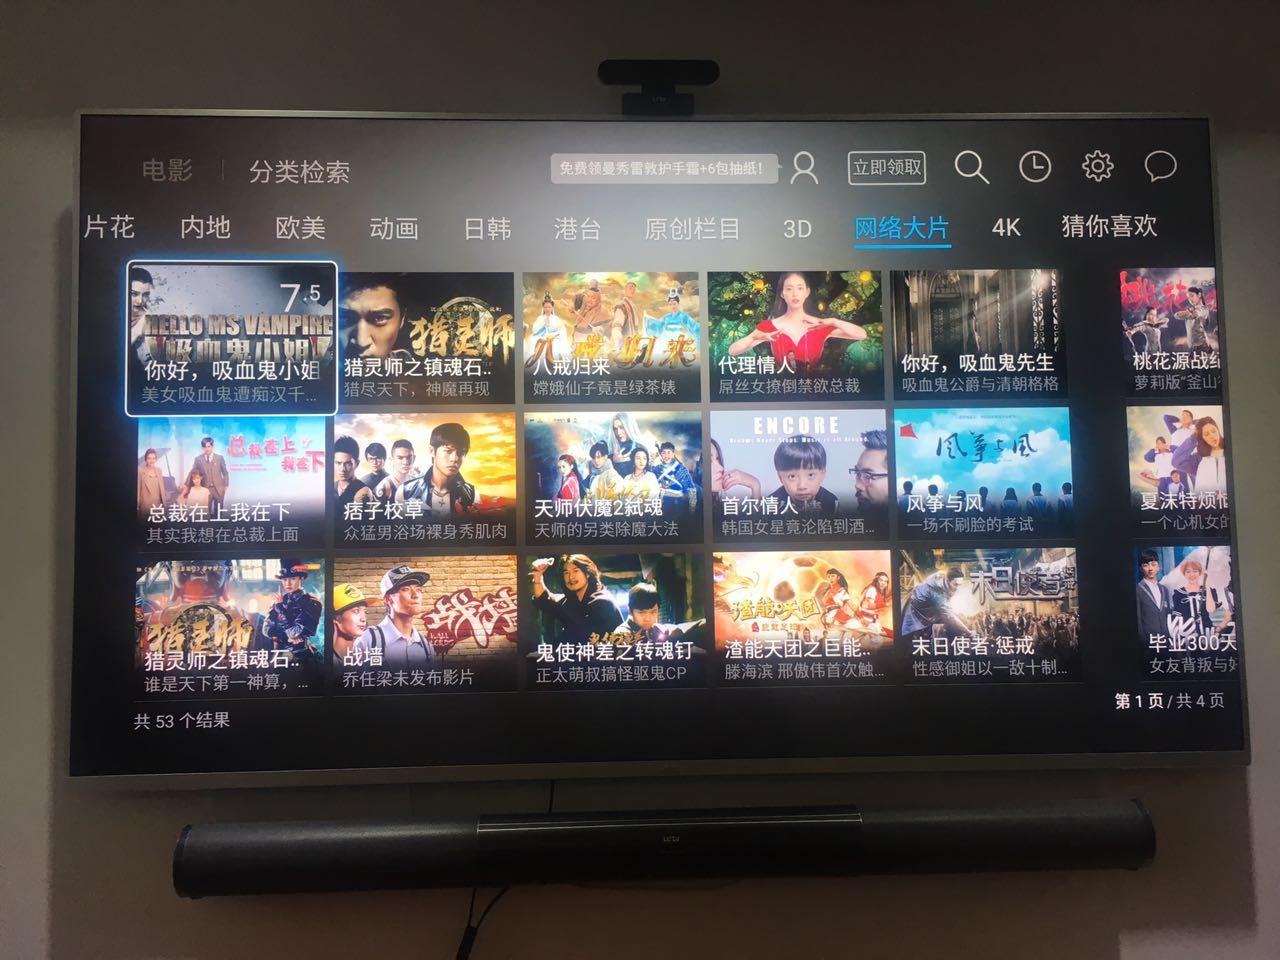 乐视tv端电影频道网络大片推荐